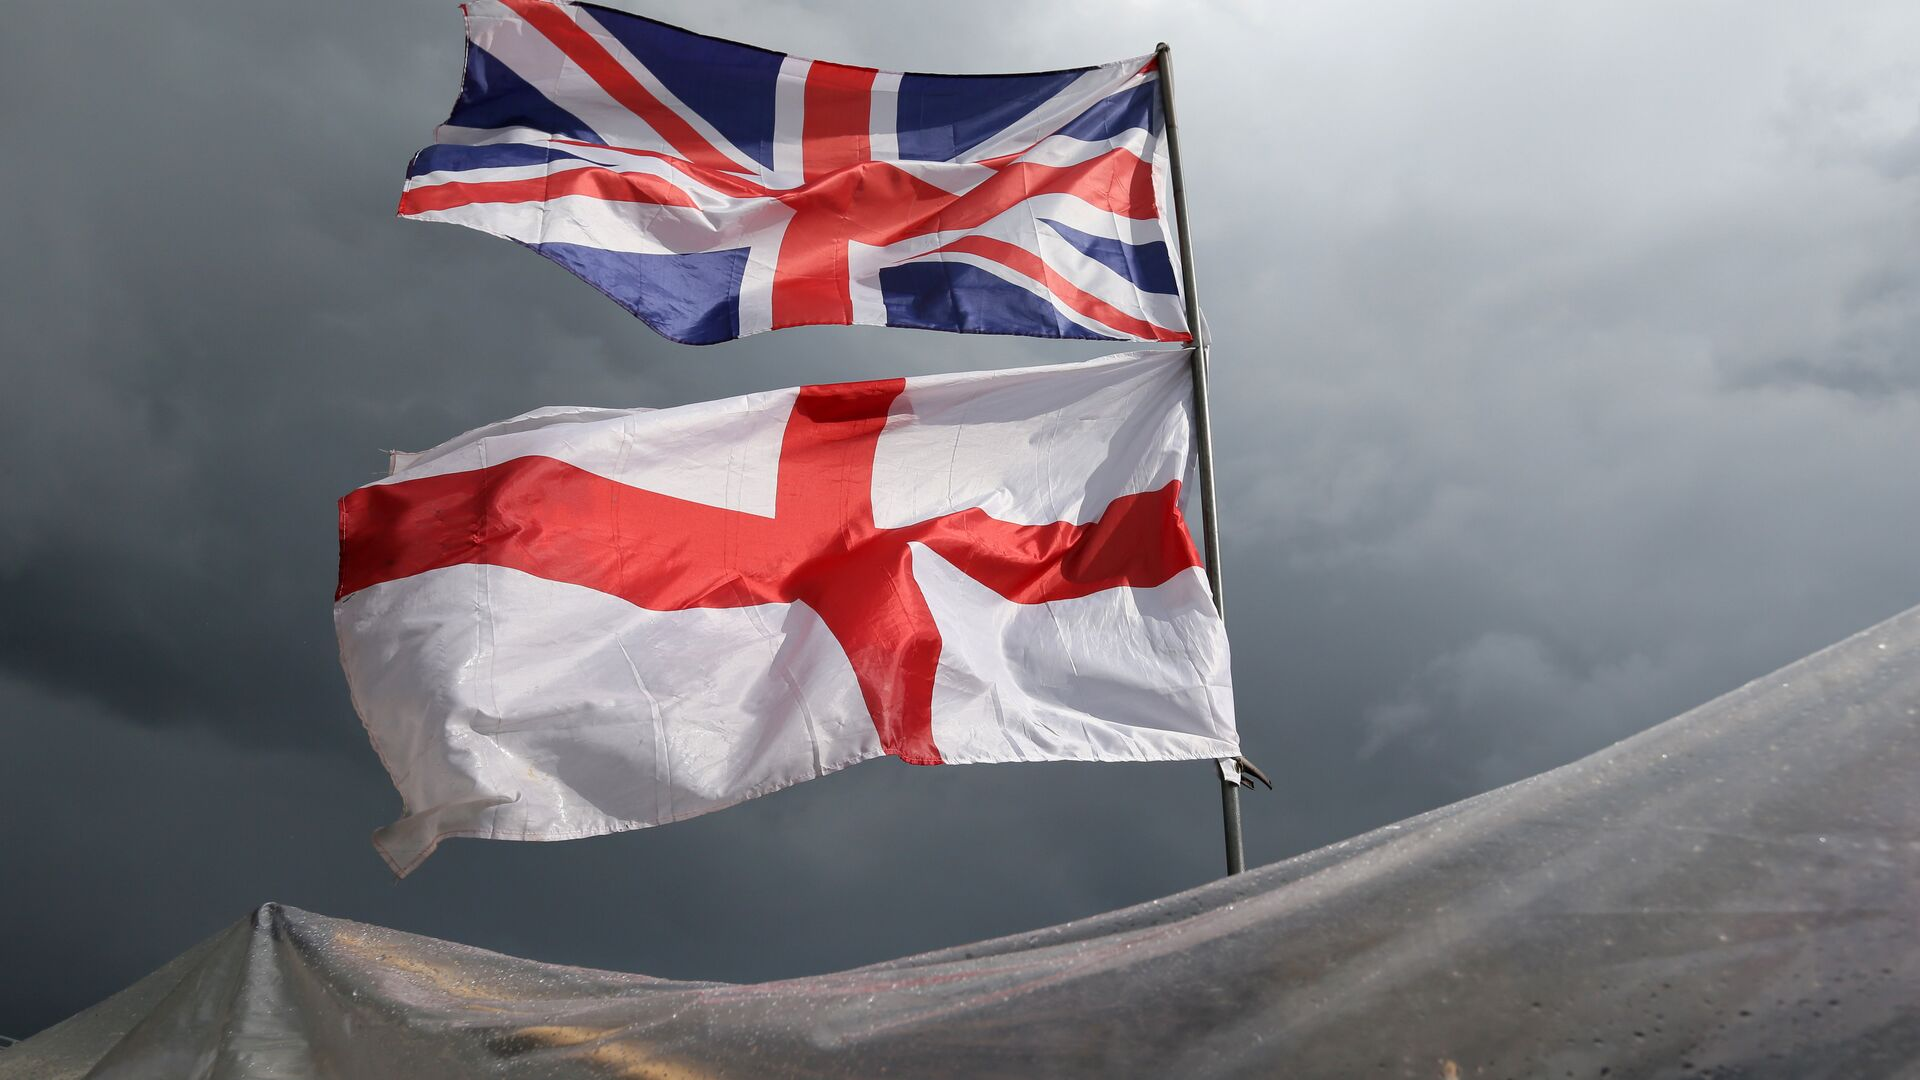 Las banderas del Reino Unido y Irlanda del Norte - Sputnik Mundo, 1920, 09.06.2021